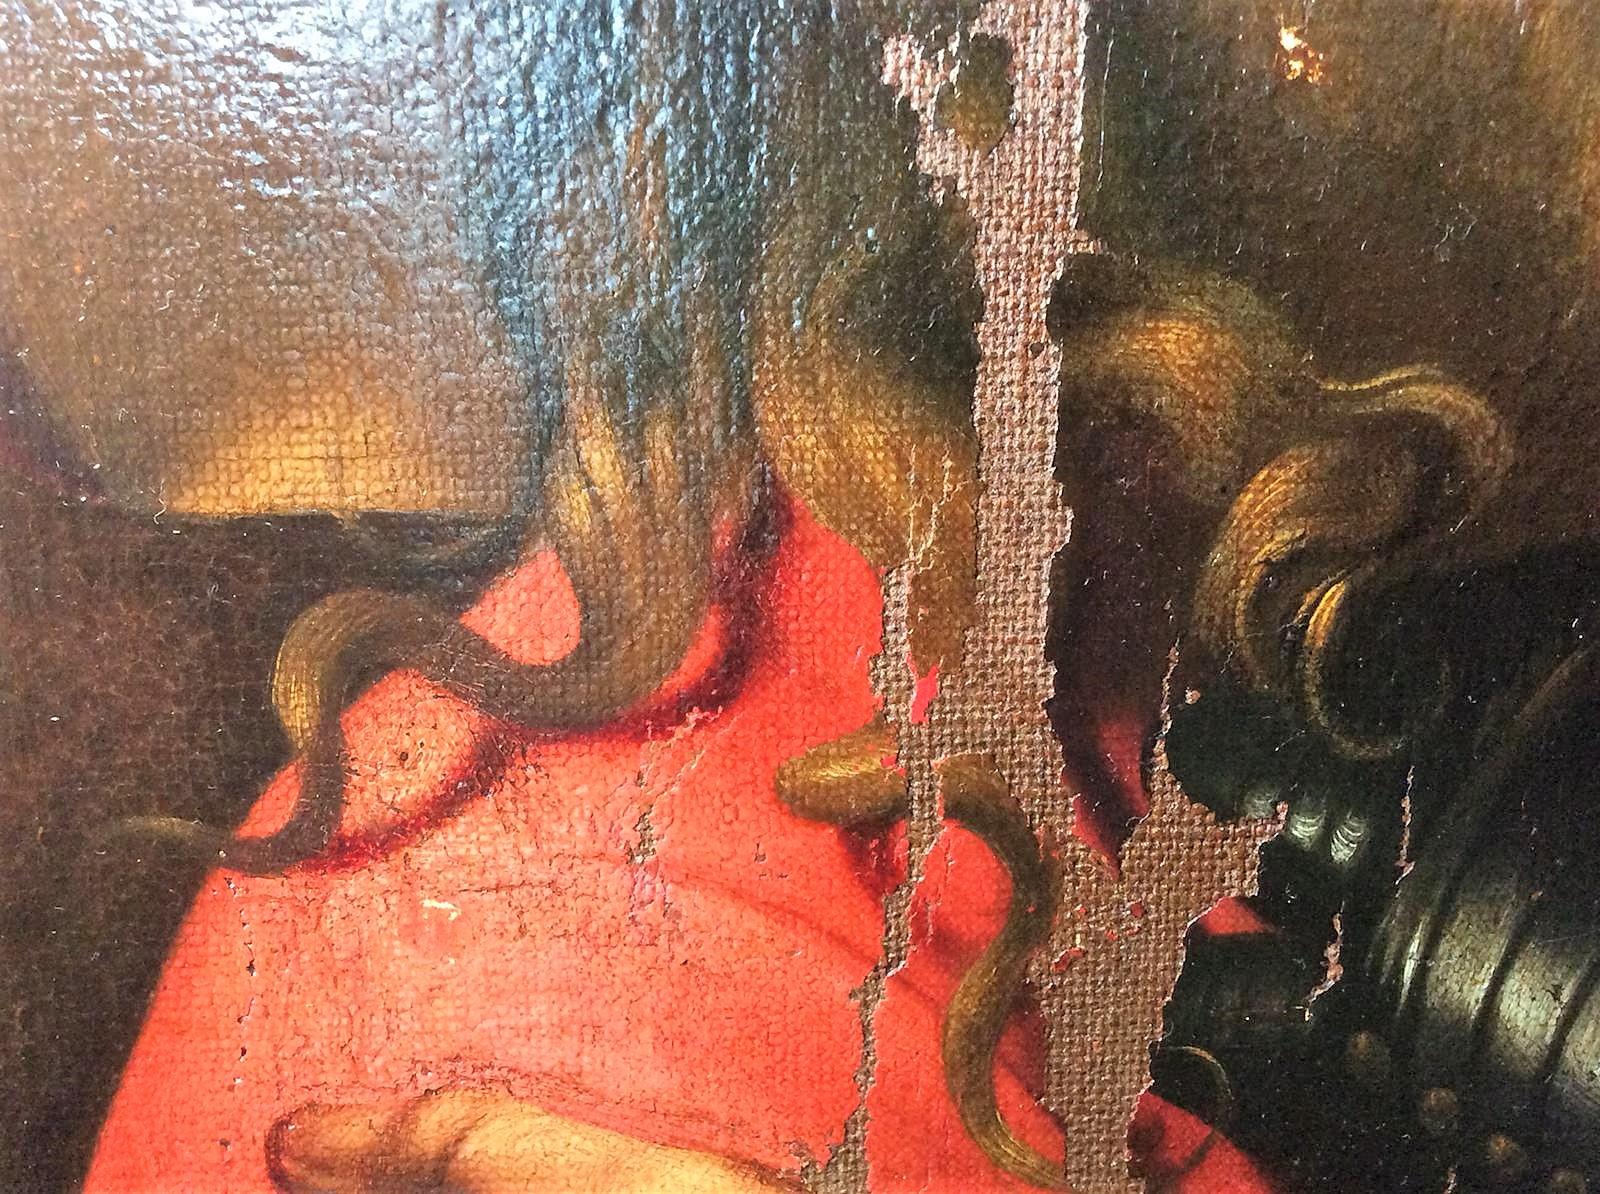 Cattura di Cristo di Odessa, dettaglio con la ciocca di capelli di Cristo (durante il restauro). Ph. Credit Nataliia Chechykova